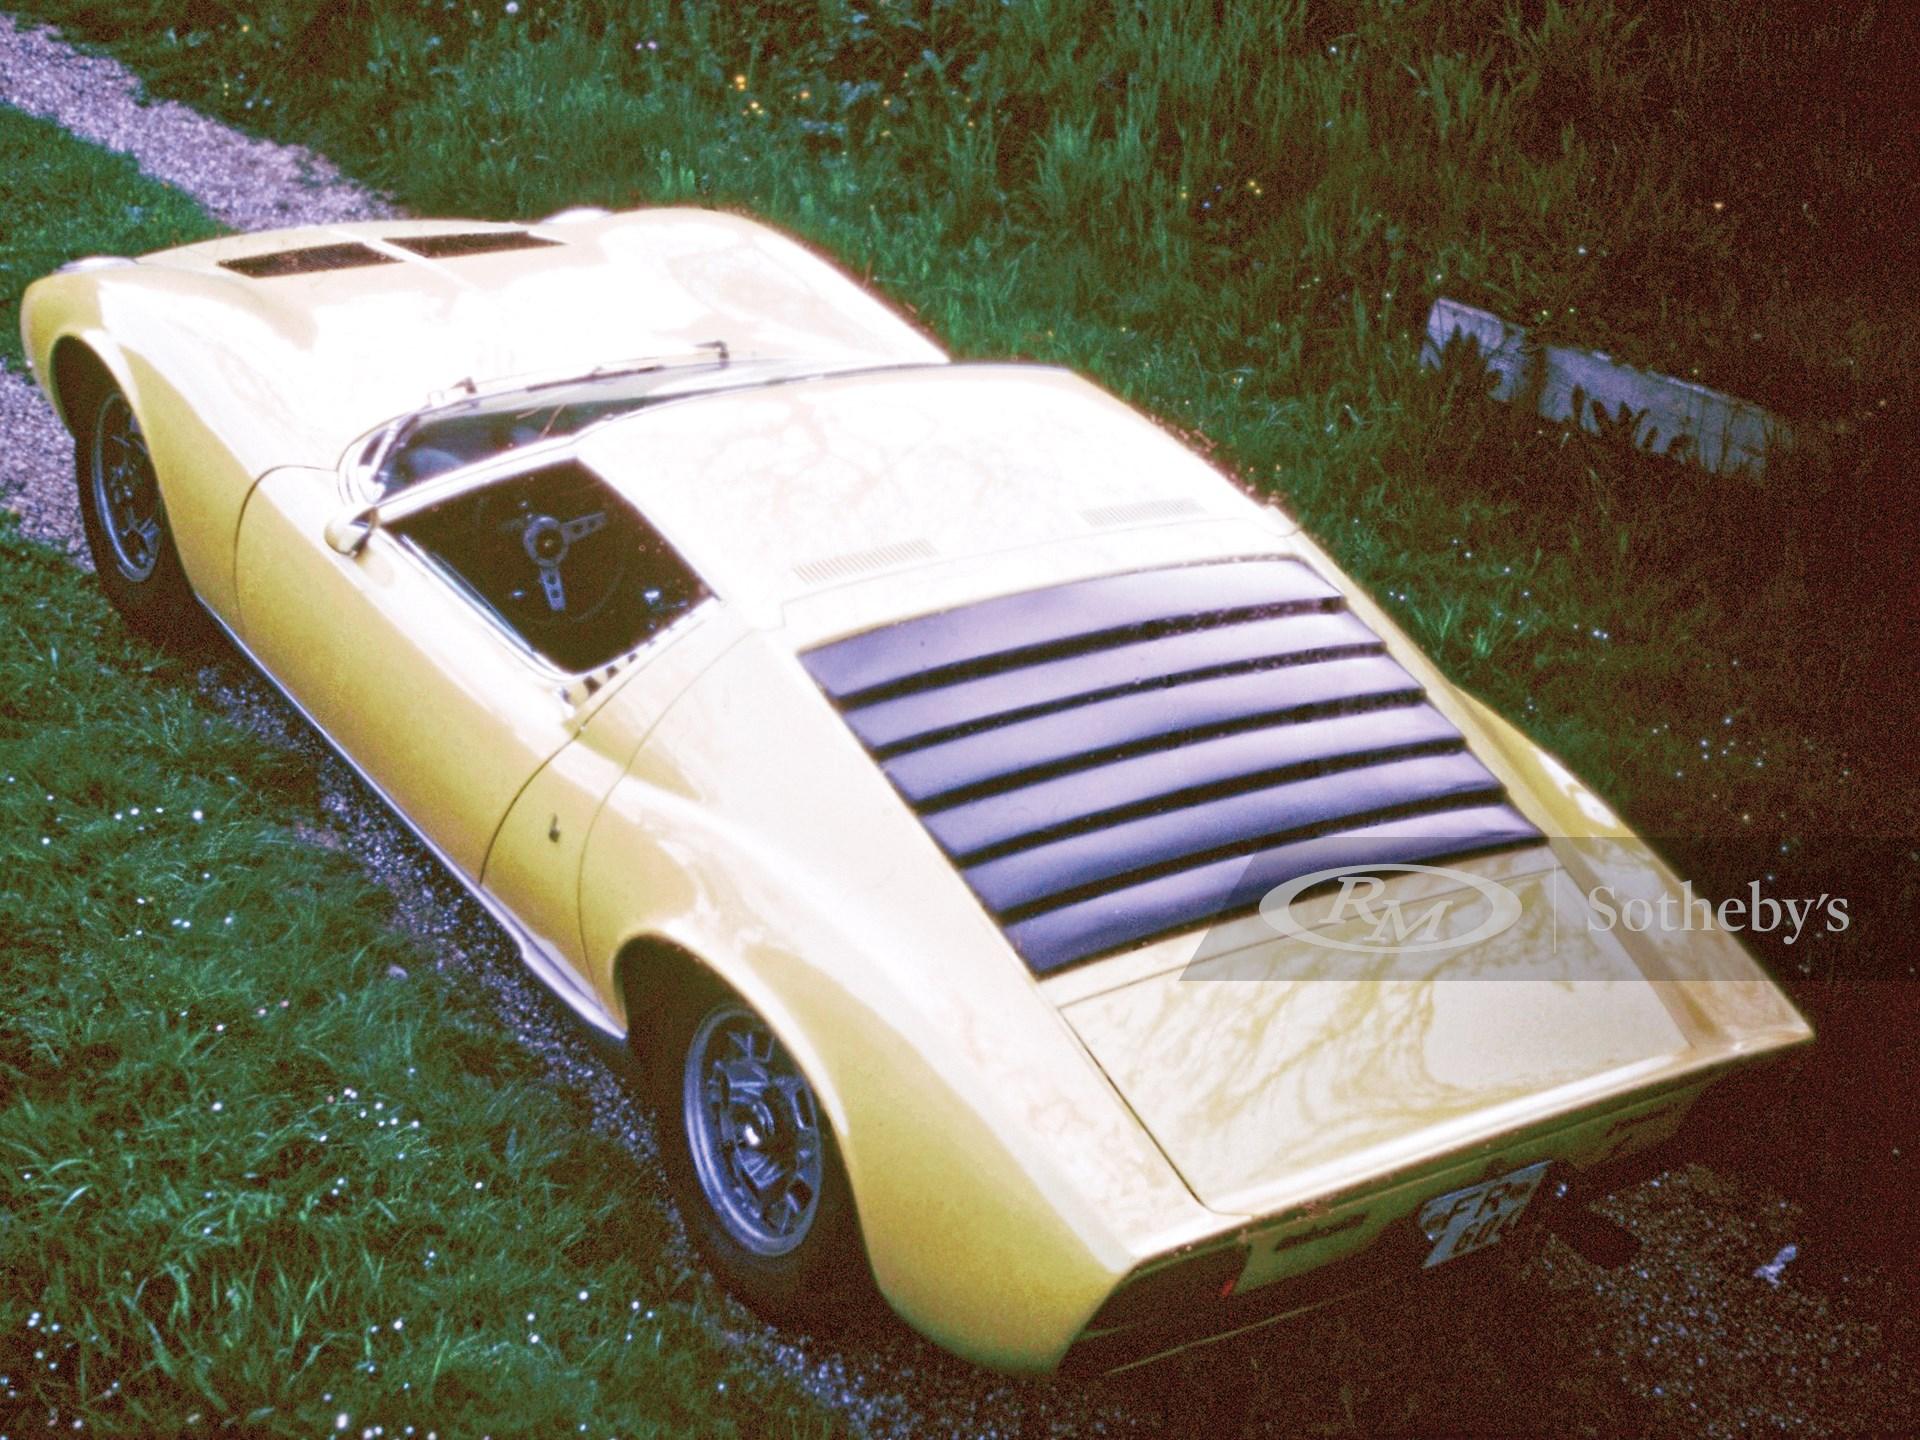 1969 Lamborghini Miura P400 S by Bertone